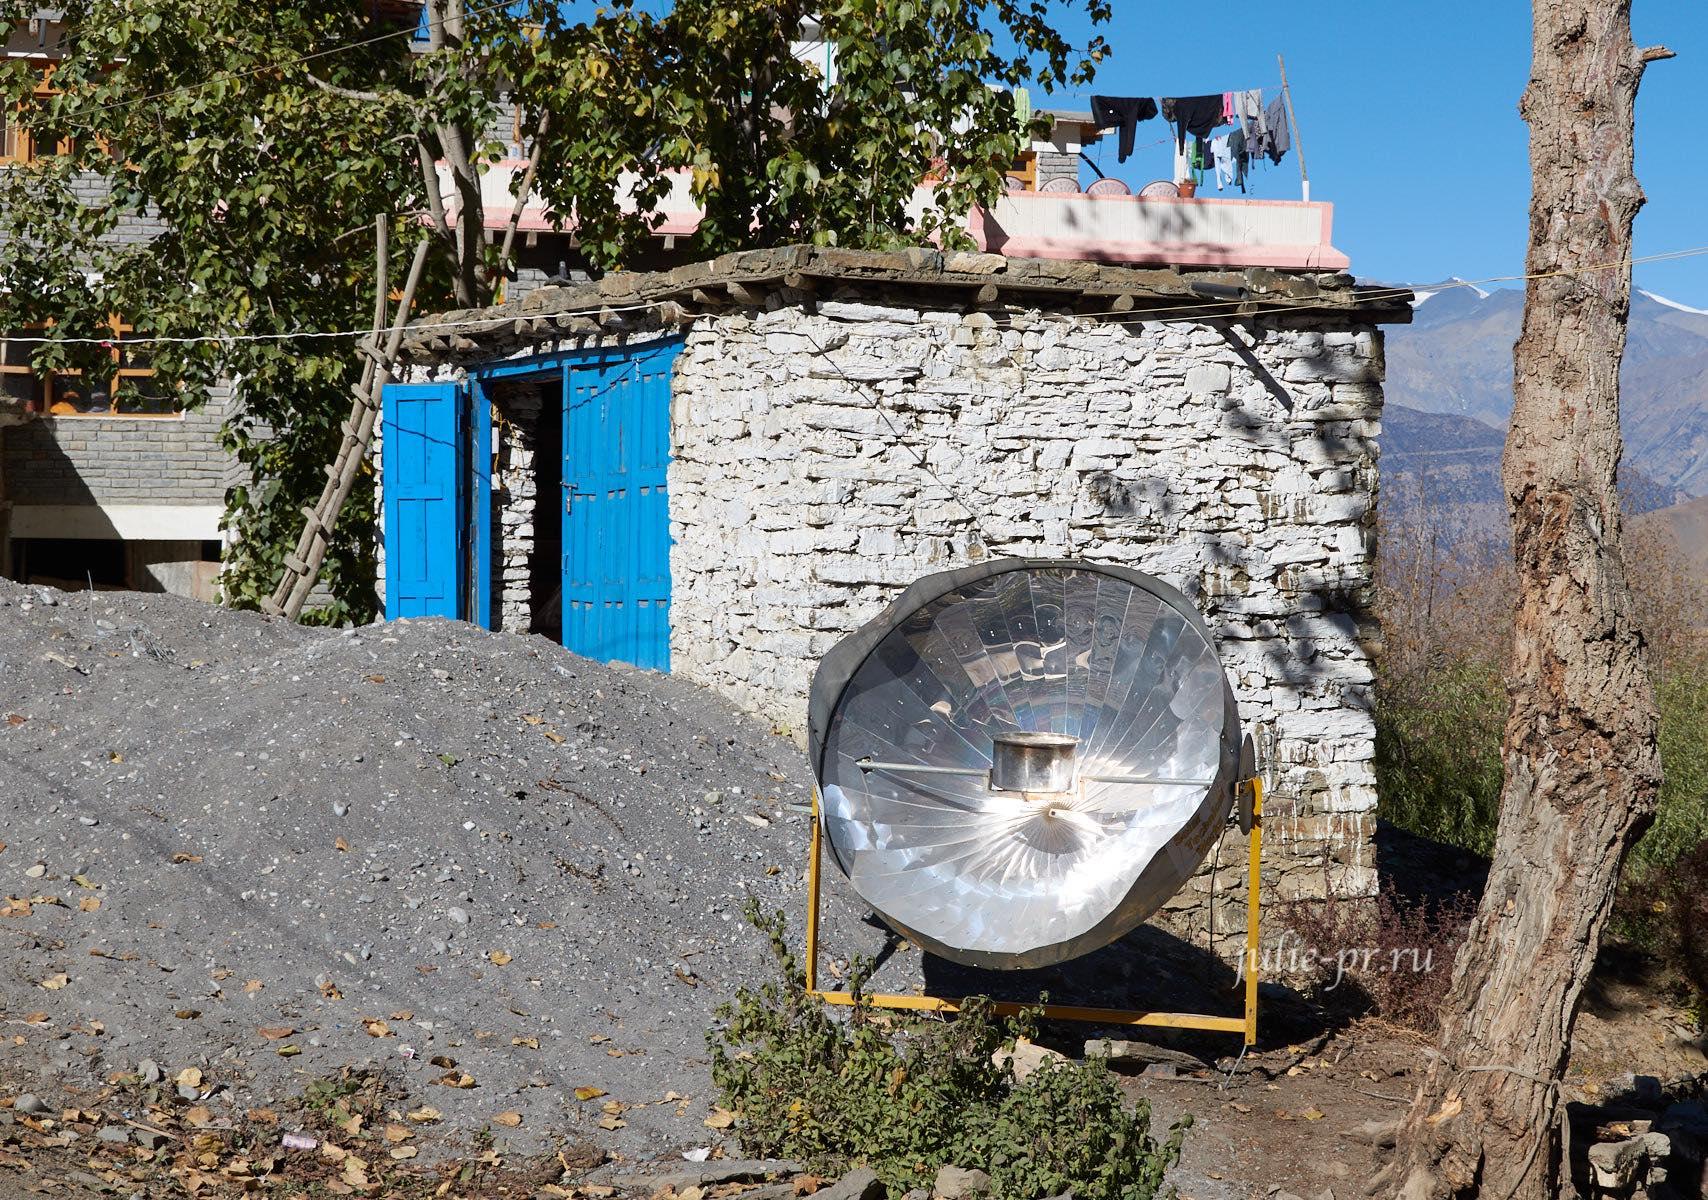 Непал, Ранипаува, Солнечная тарелка